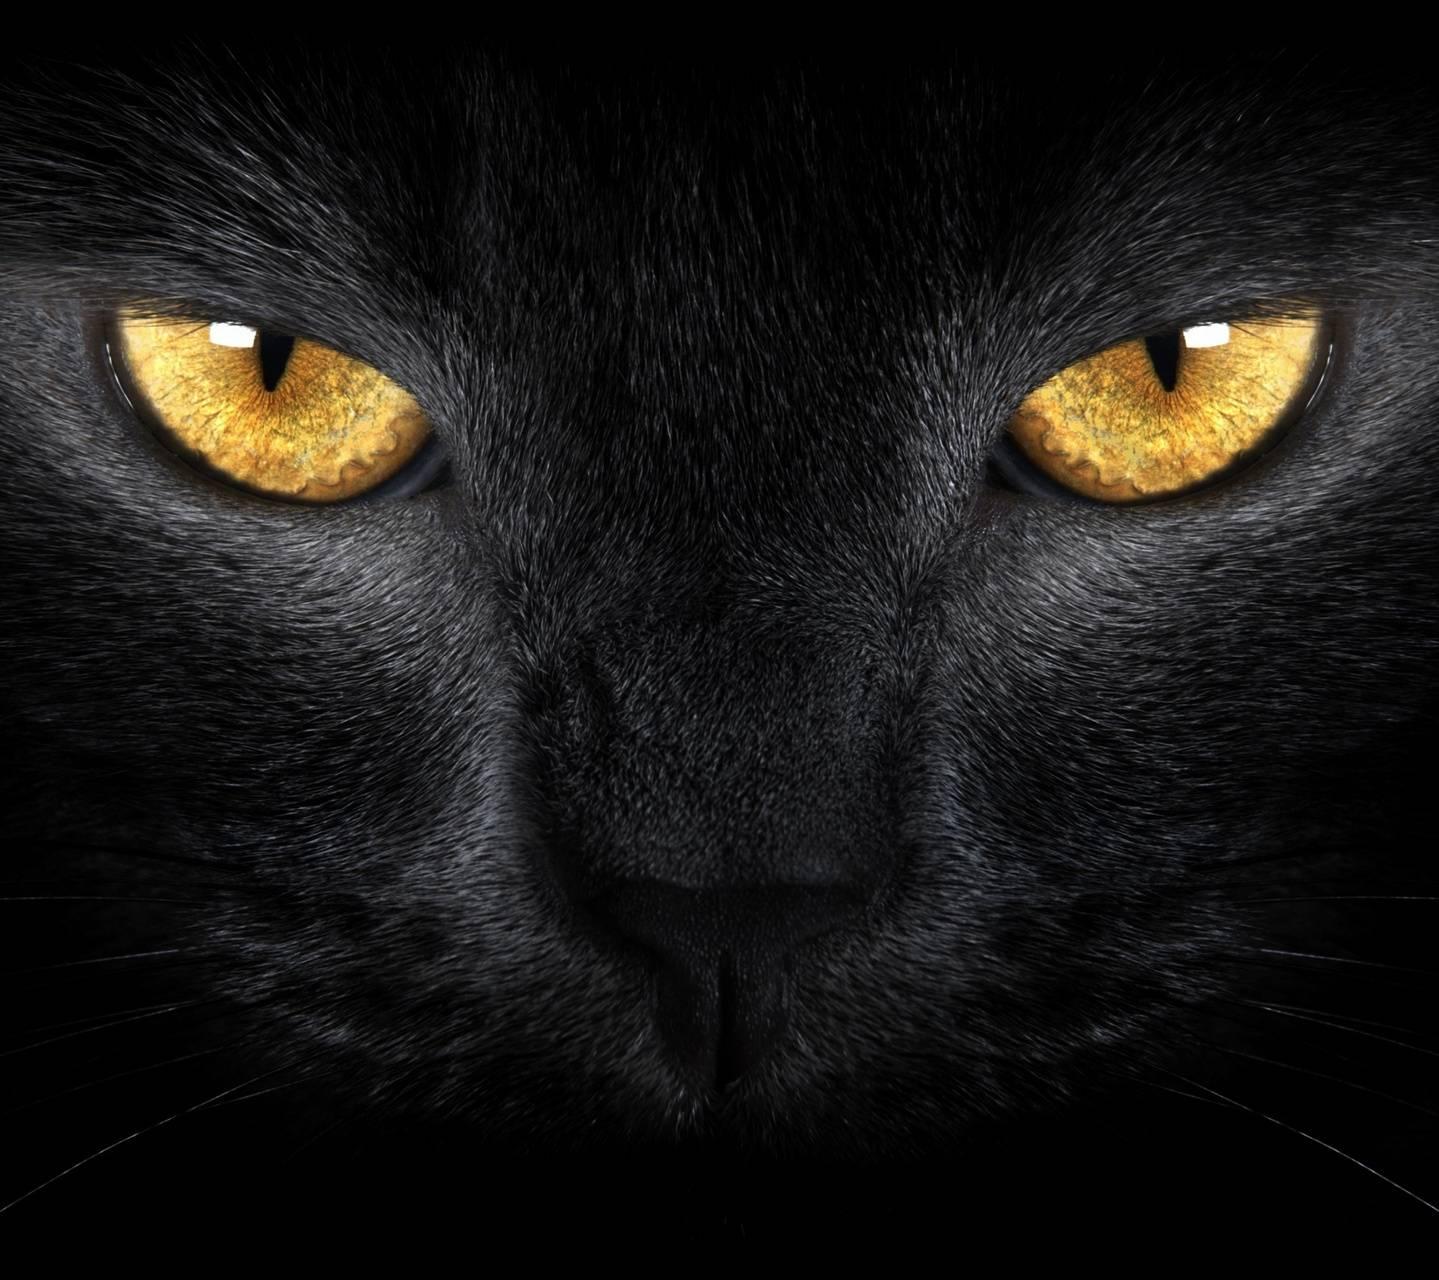 Blak Cat